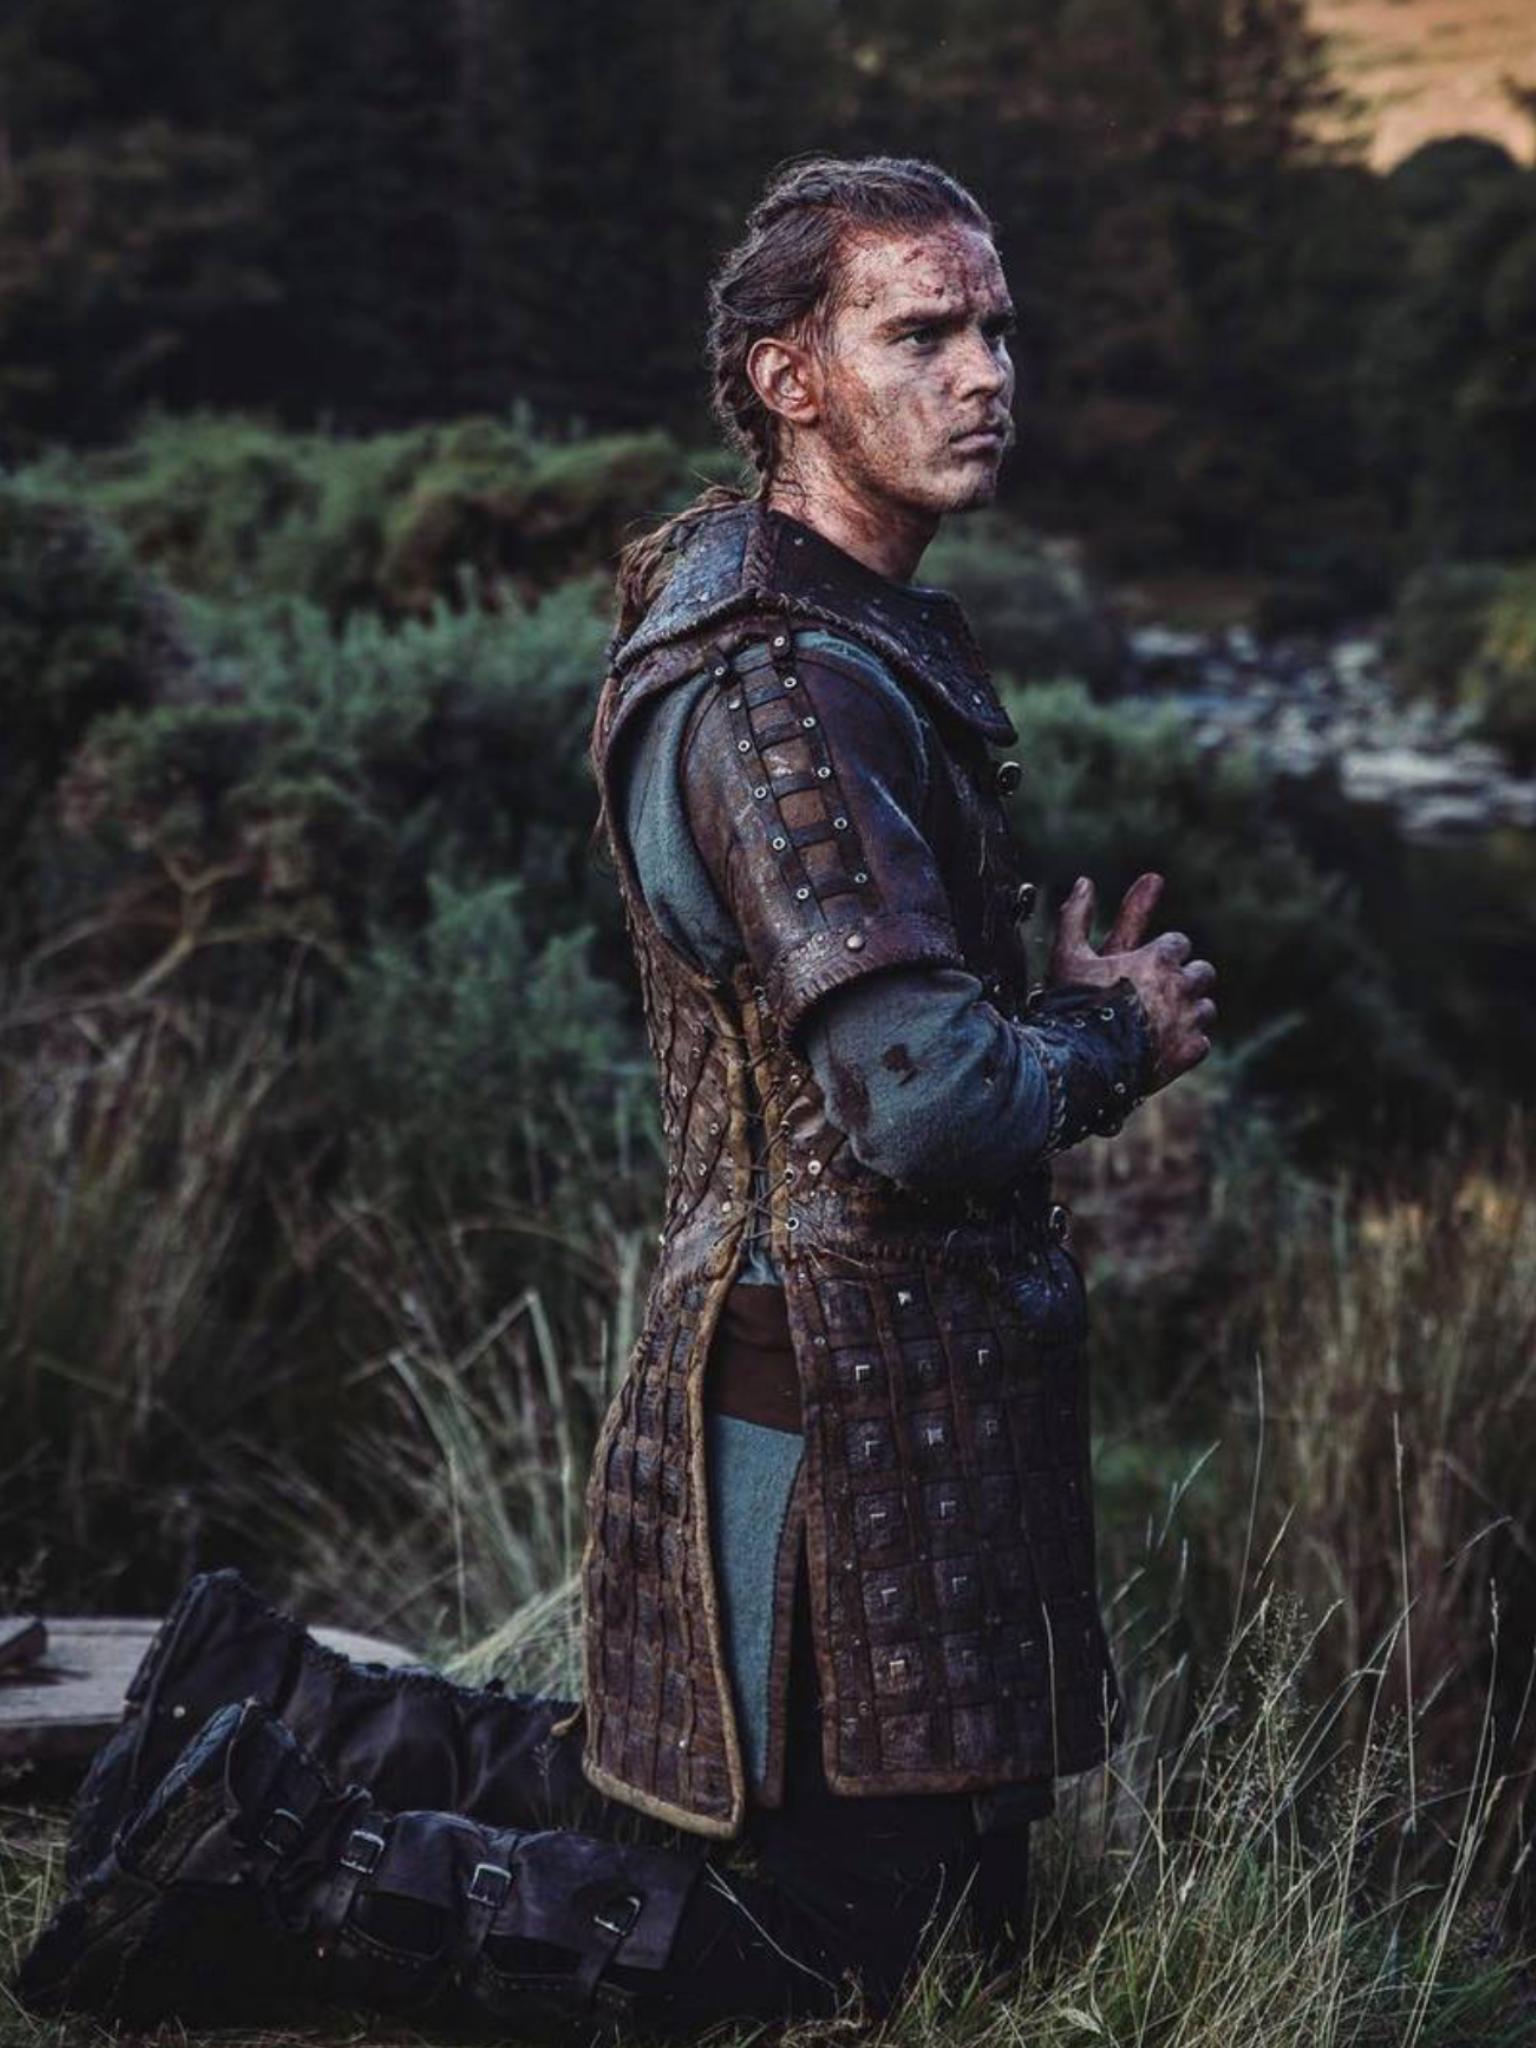 Hvitserk ❣️ | Vikings in 2019 | Vikings, Ragnar lothbrok, Vikings